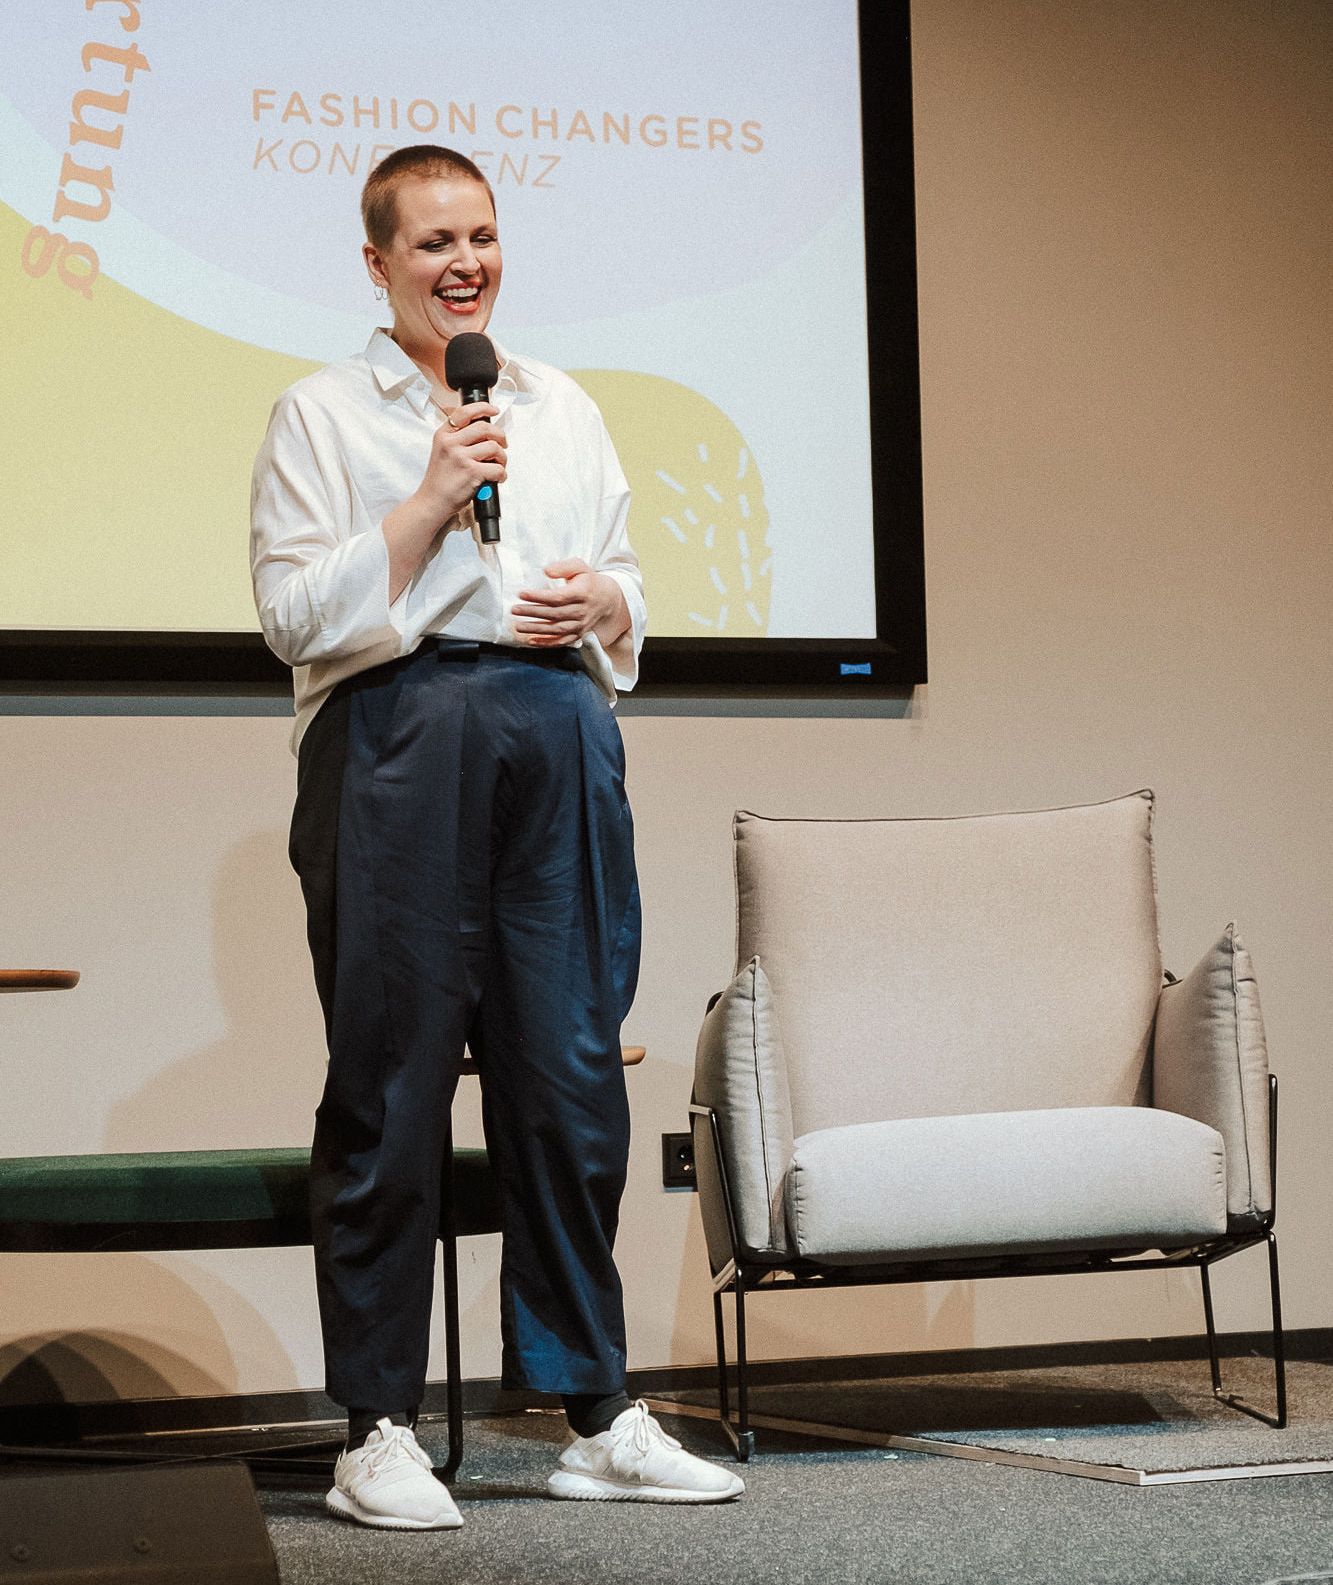 Person mit kurzen Haaren, Lippenstift, weißer Bluse und blauer Hose steht auf der Bühne der Fashion Changers Konferenz und hält ein Mikrofon in der Hand